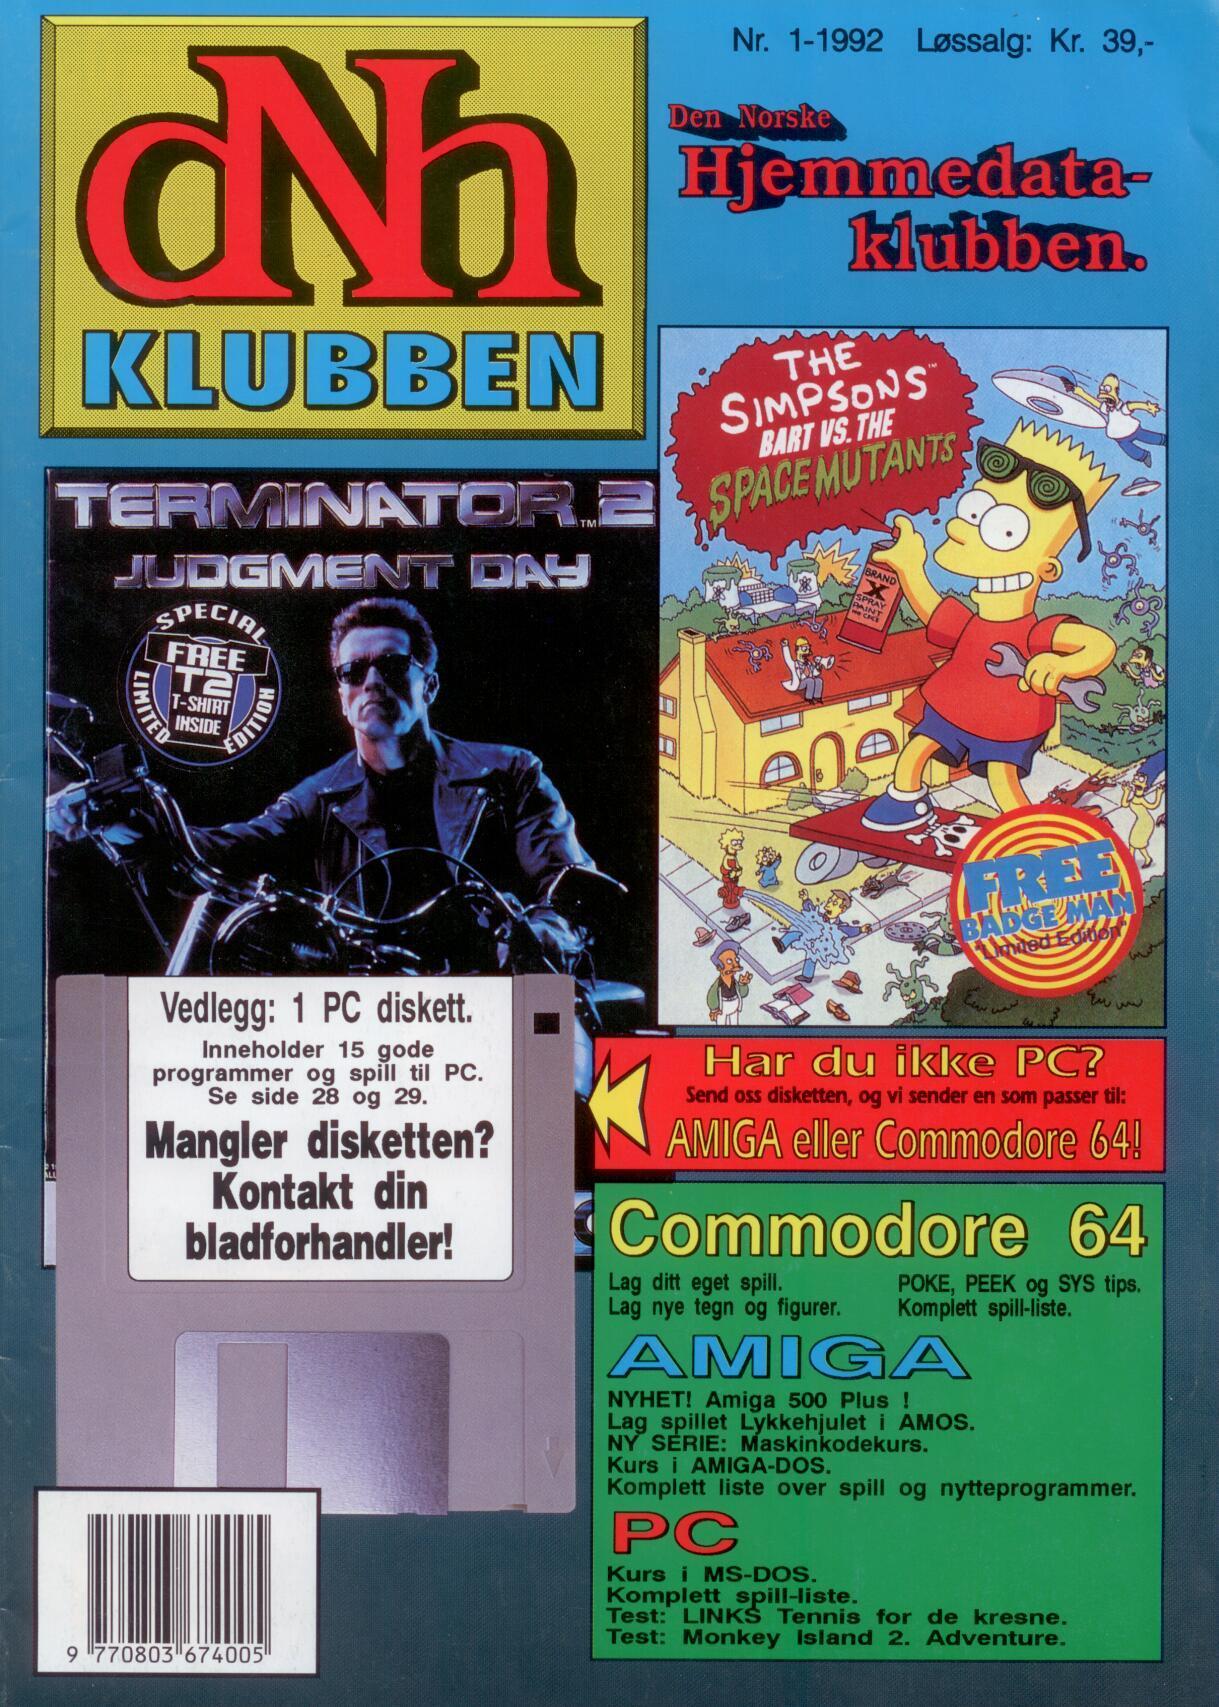 Forsiden, nr. 1 1992.Foto: Data-Tronic